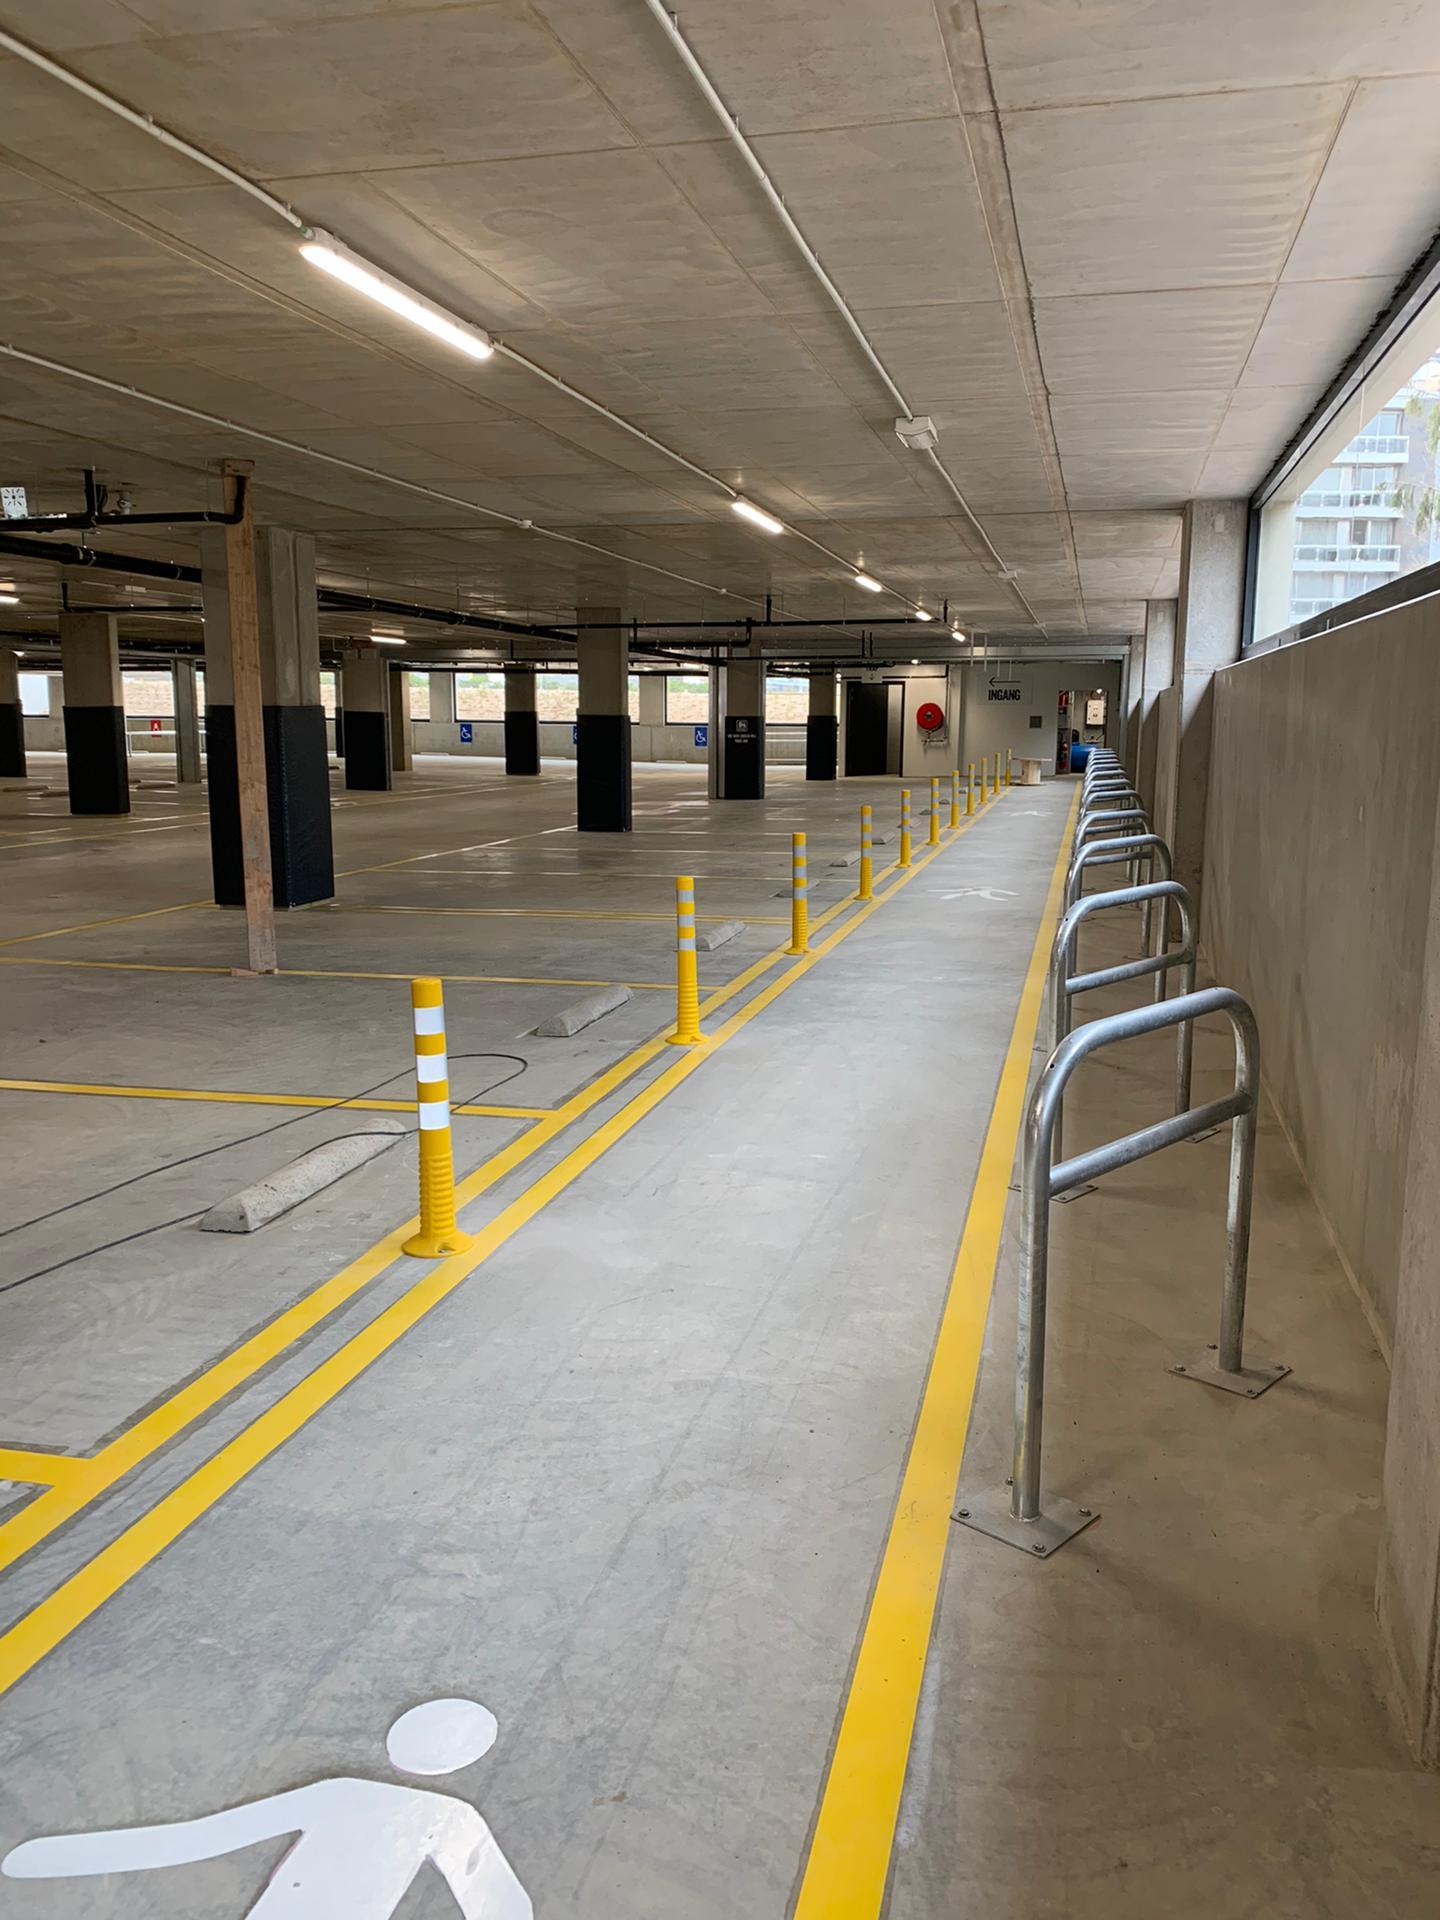 Binnenbelijning parkeerplaatsen, wandelpaden en fietspaden, kickback palen en stalen veiligheidshekken aanrijbeveiliging, bij Delhaize Aalst, door Remotec